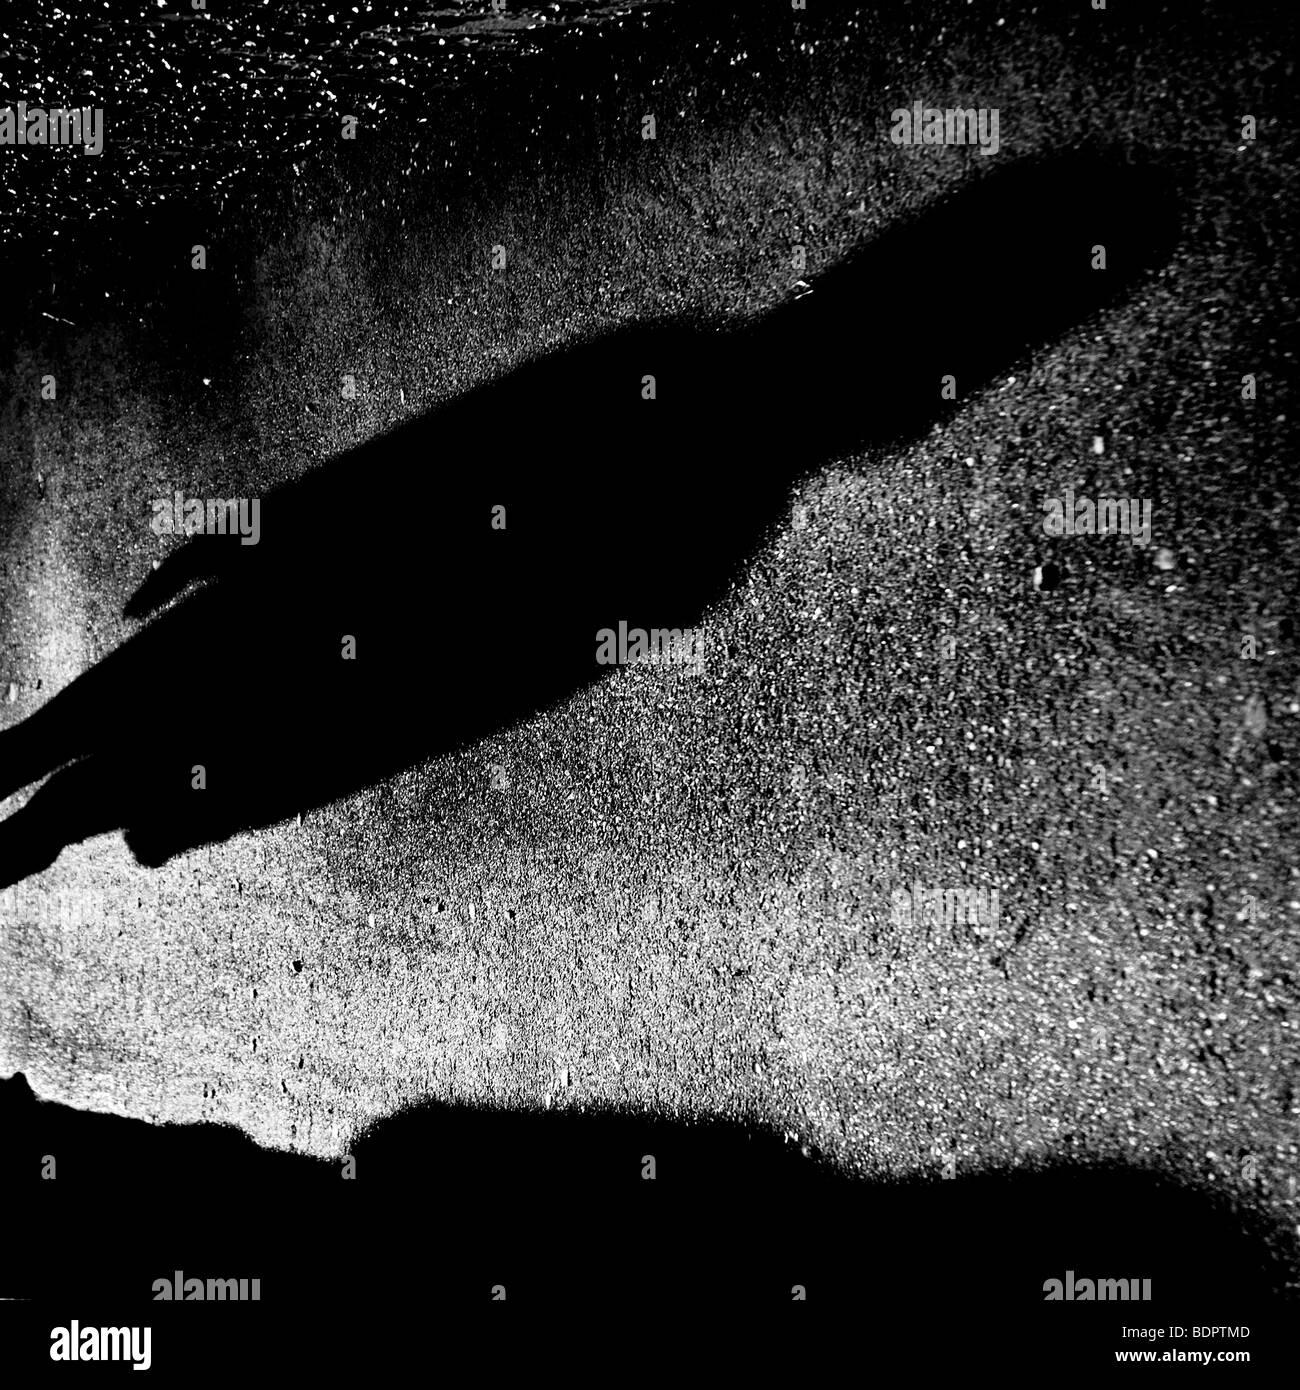 Der lange Schatten einer Figur auf einer Straße Stockbild